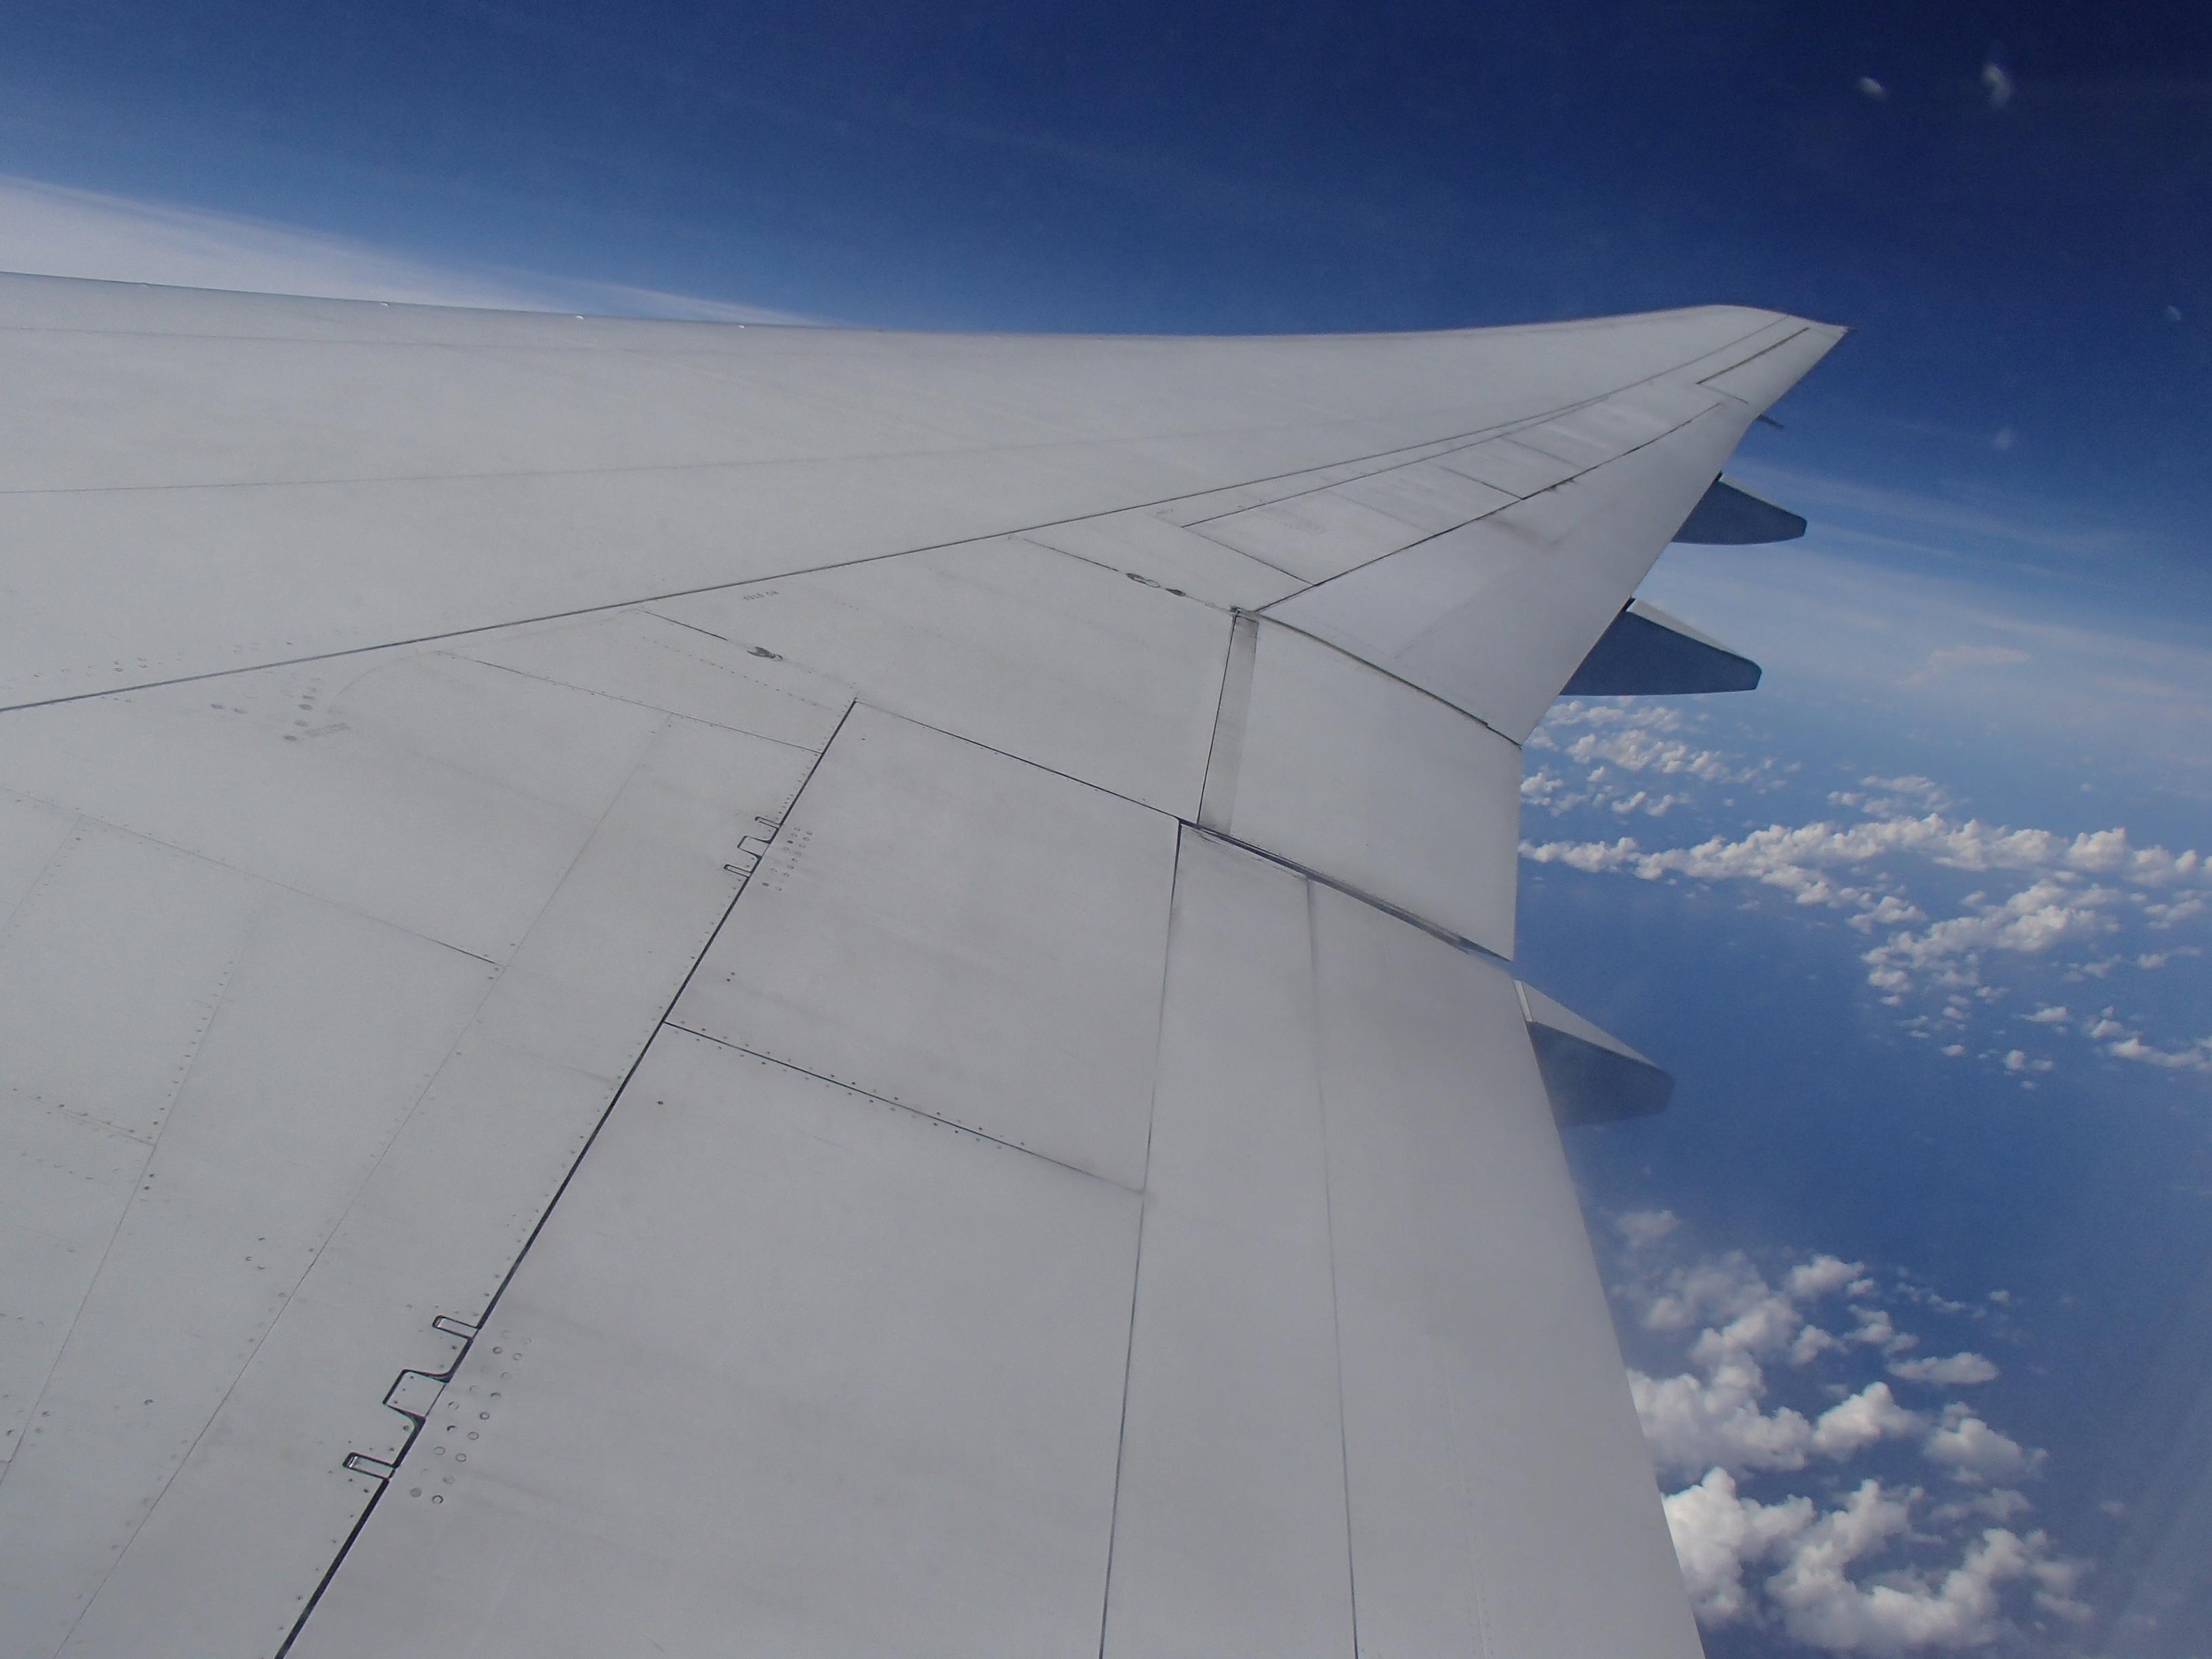 Met Het Vliegtuig Op Vakantie Hoe Slecht Is Dat Nou Eigenlijk